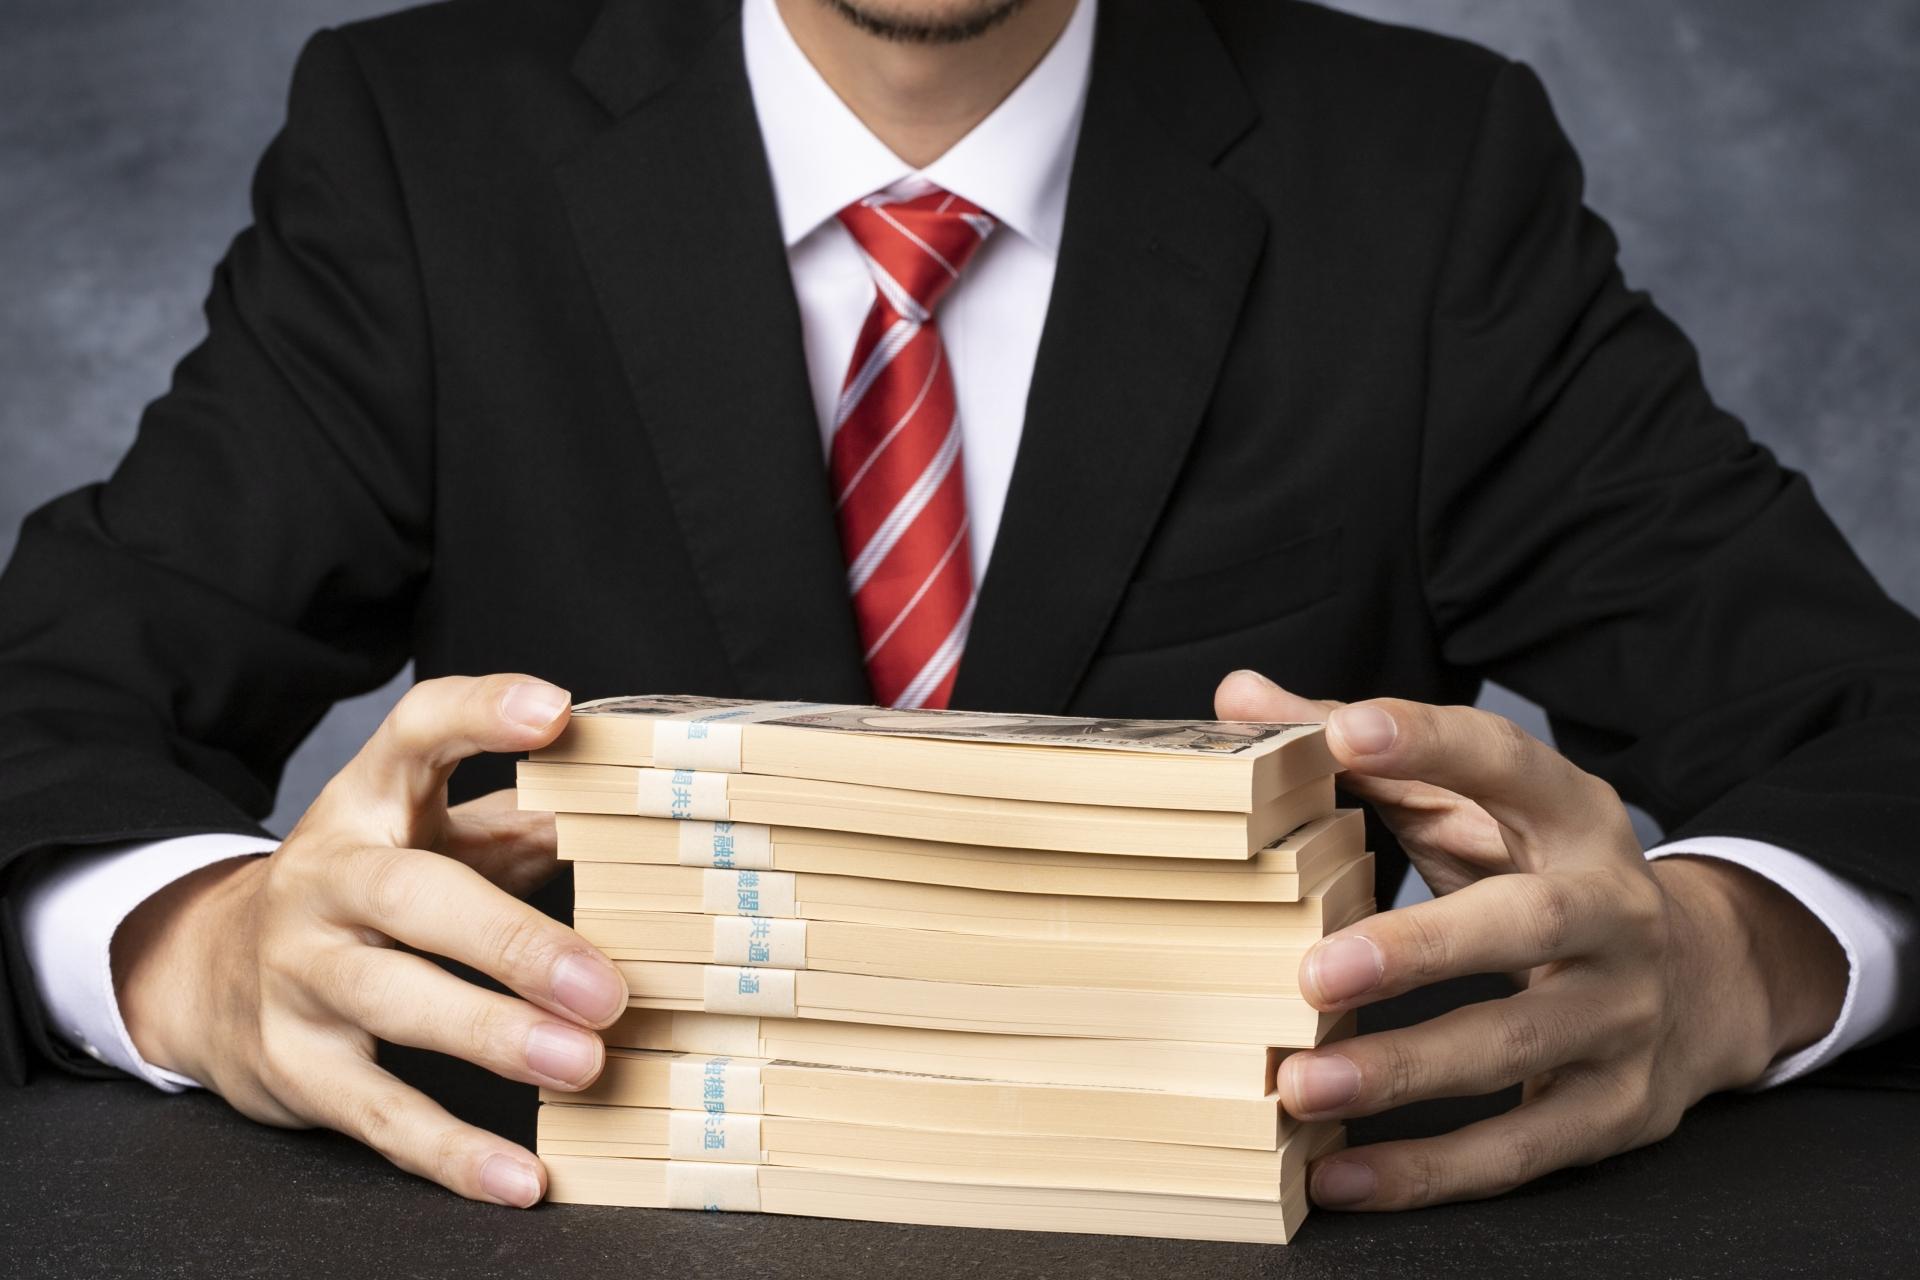 従業員を多重債務のリスクから守るために。給与前払いの意義